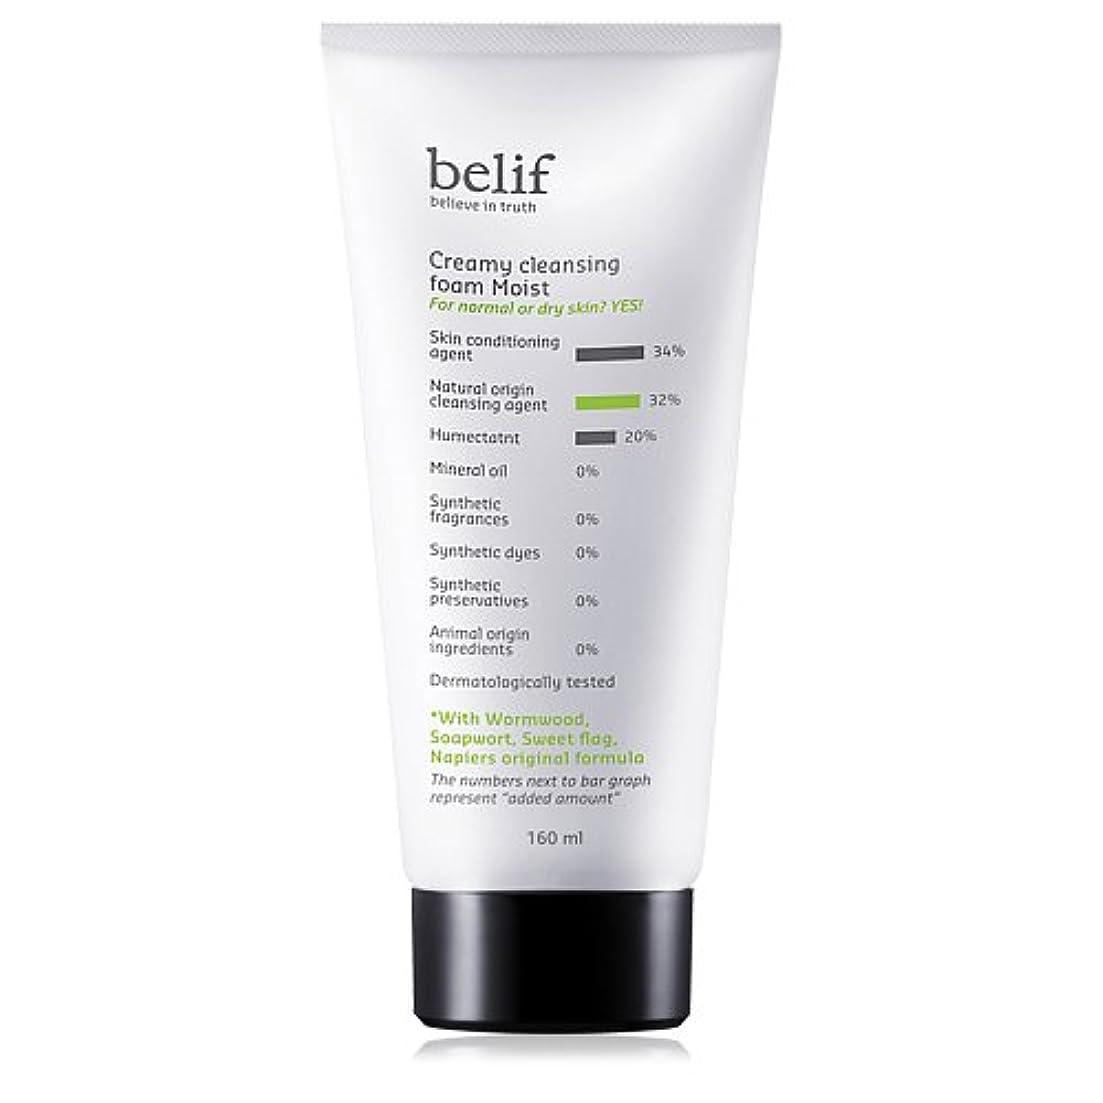 エンジニアリング皮肉な潜むBelif(ビリーフ)Creamy cleansing foam moist 160ml[ビリーフクリーミークレンジングフォームモイスト]